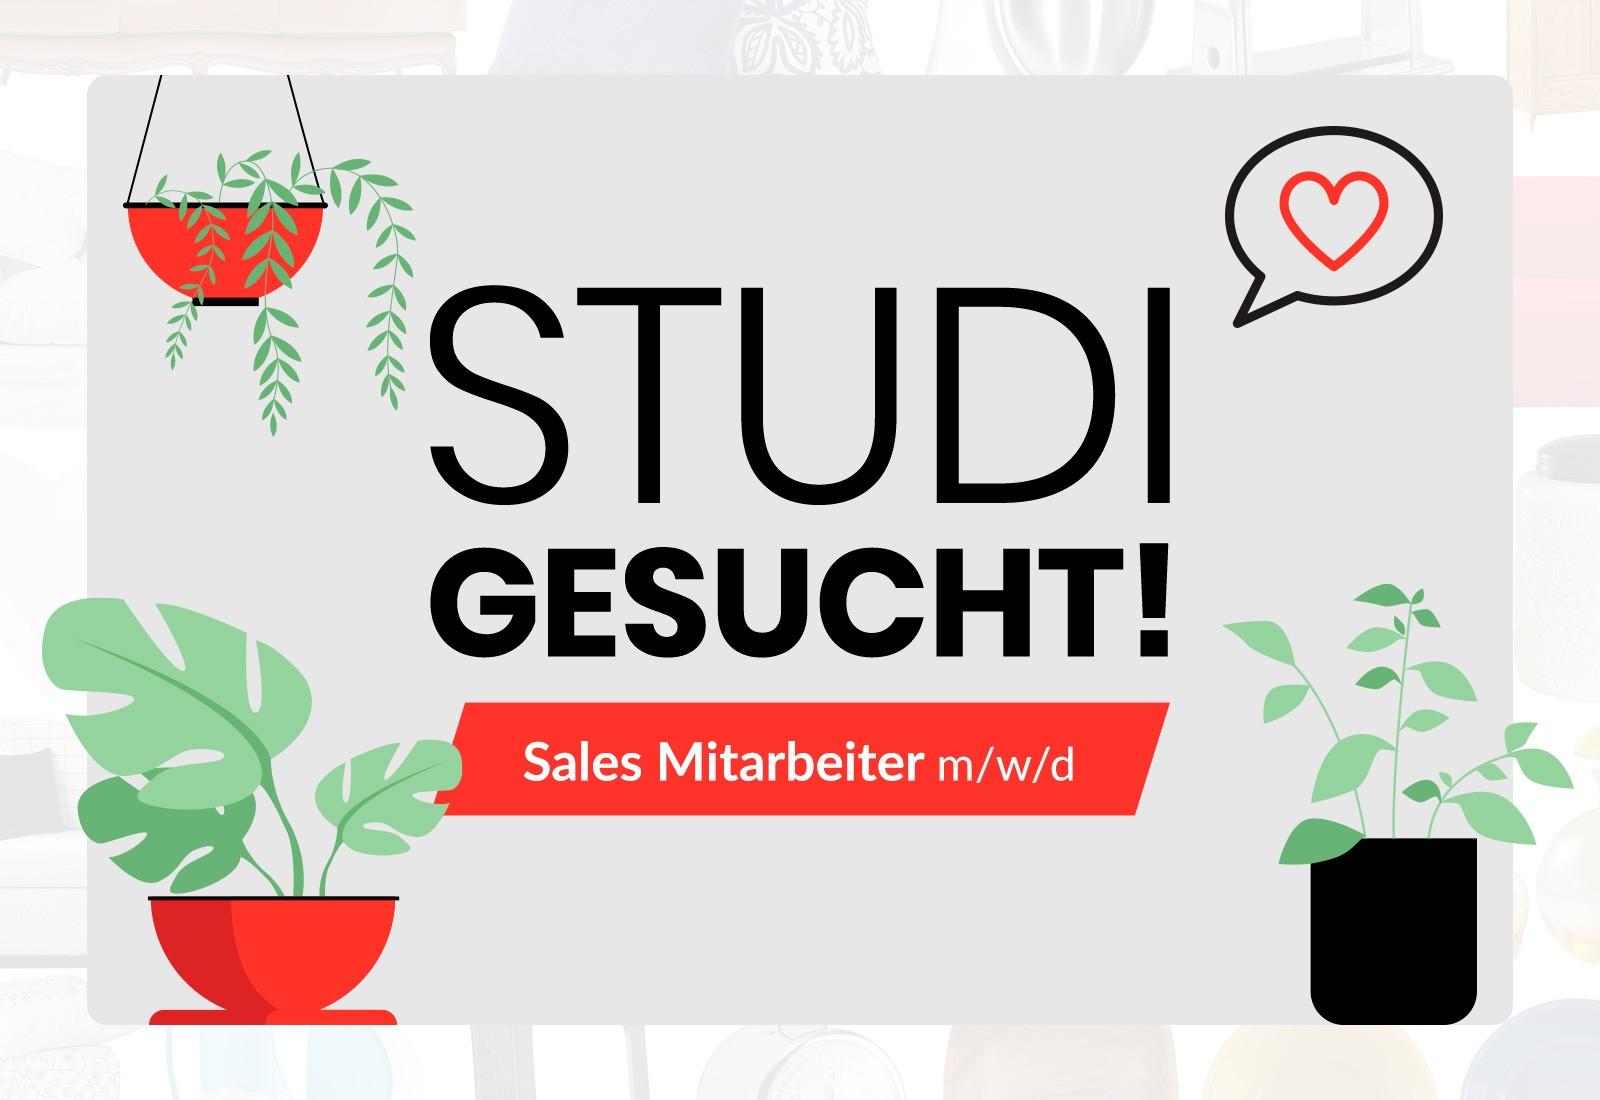 Jetzt Sales-Werkstudi bei der Trends4Markets werden!